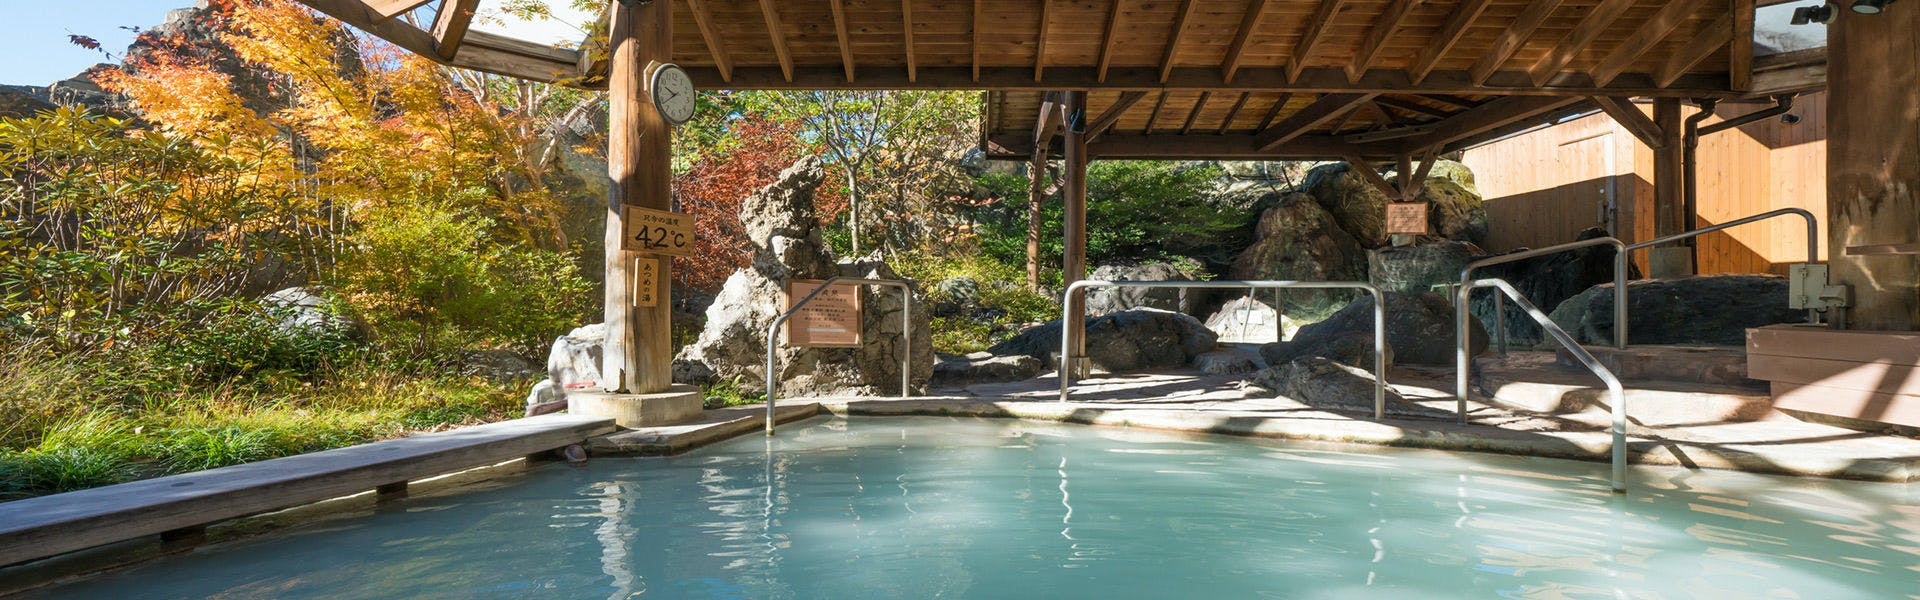 湯遊天国の温泉